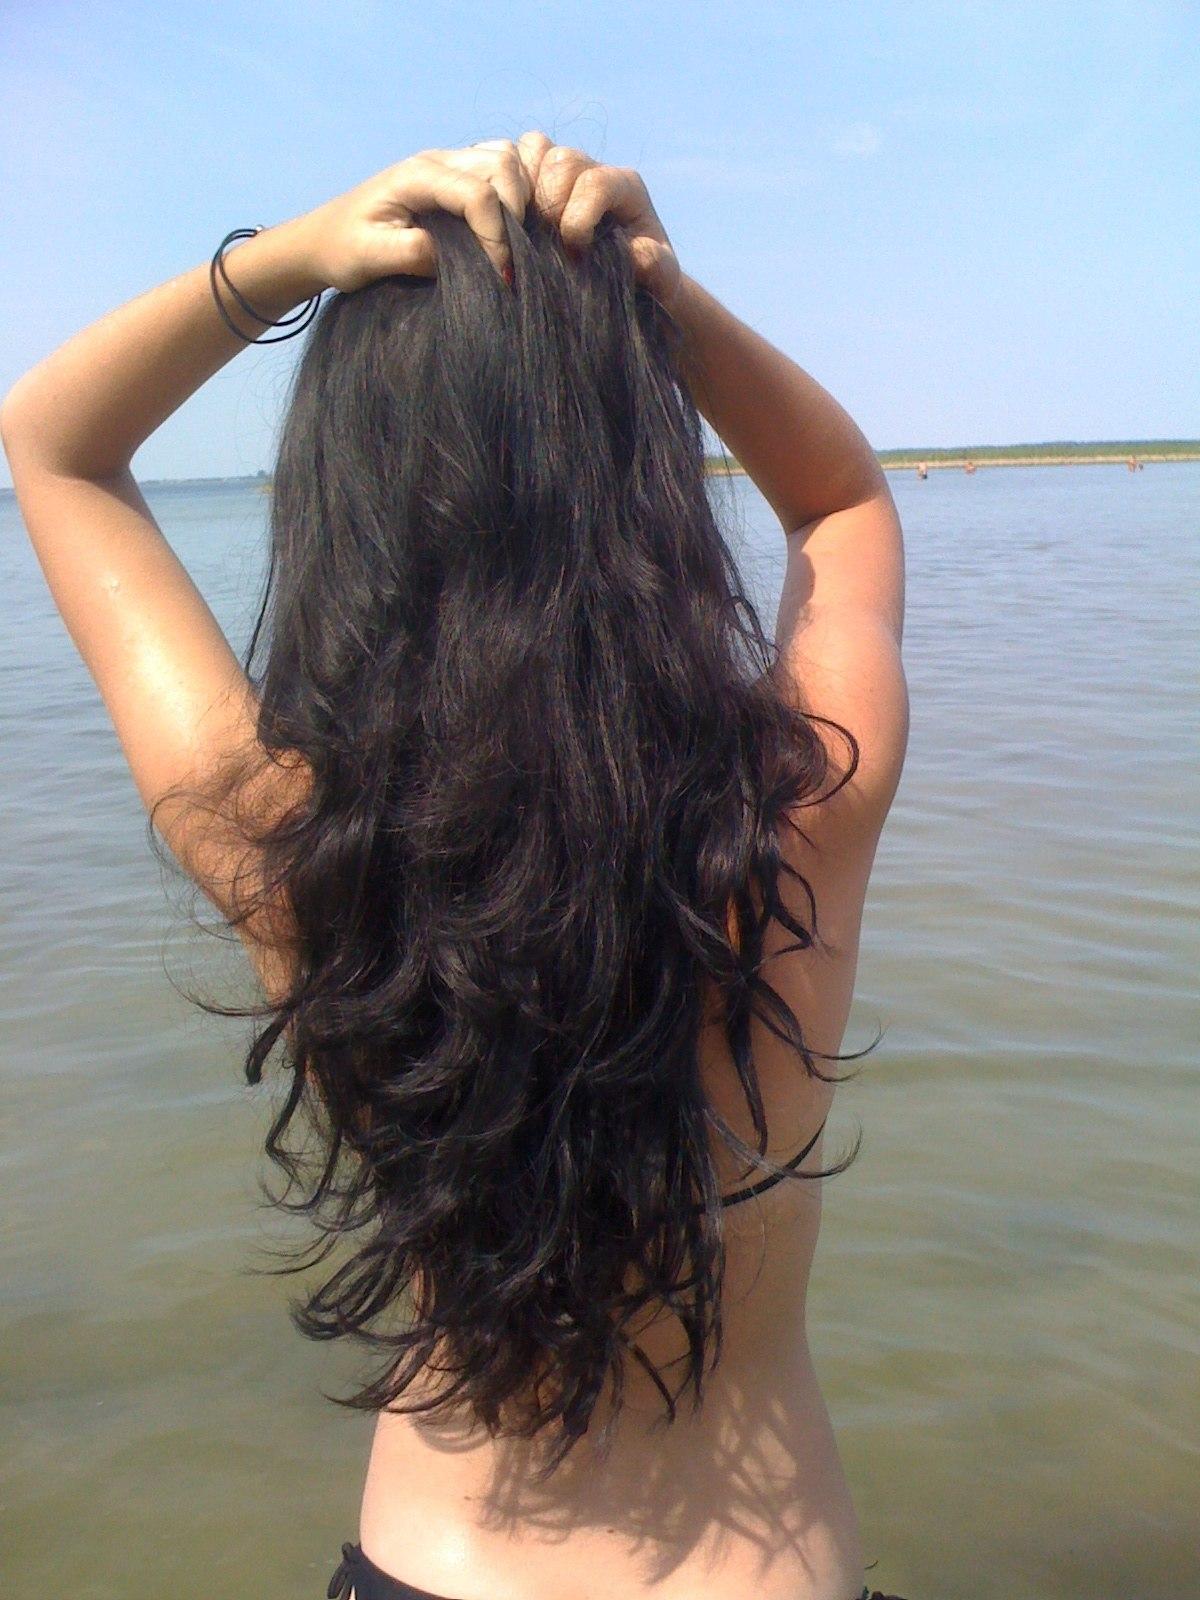 Фото девушки спиной (23 фото) - Лара Адамс, 25 лет, Москва